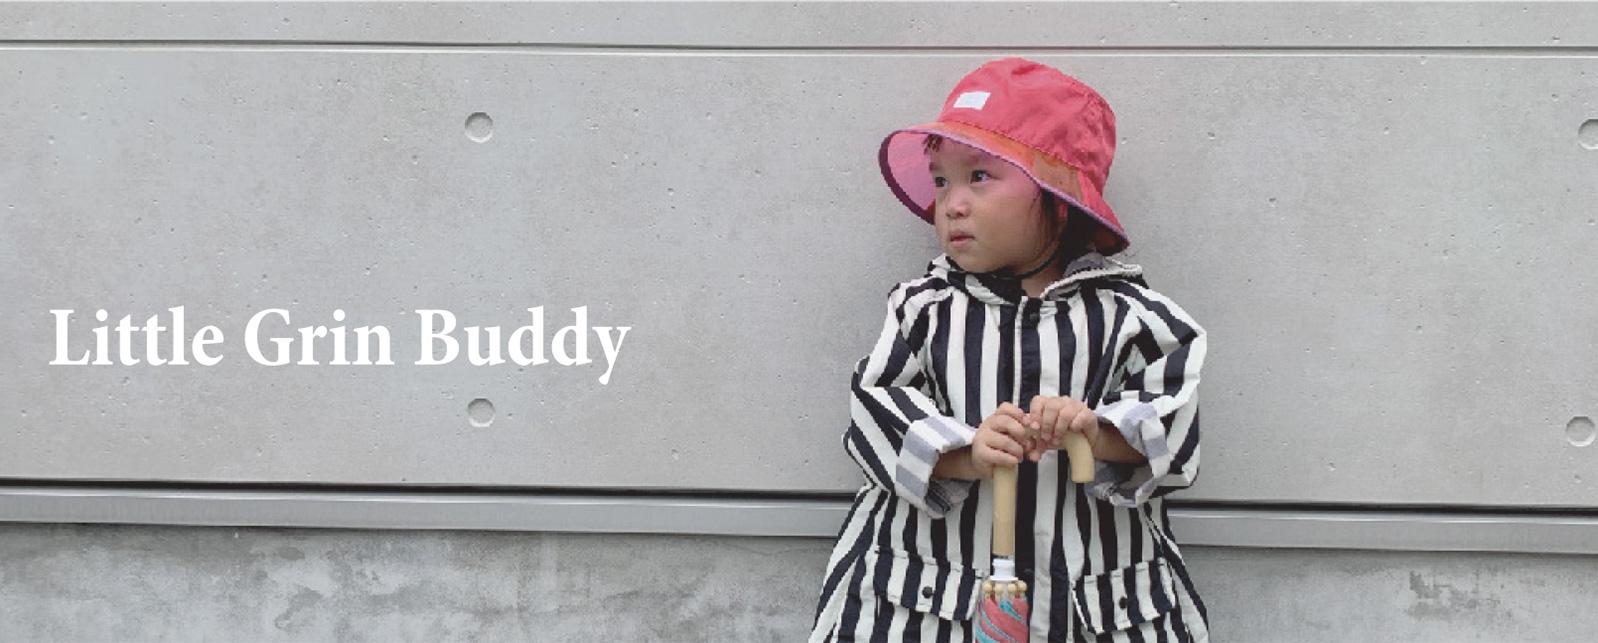 Little Grin Buddy(リトル グリンバディ)